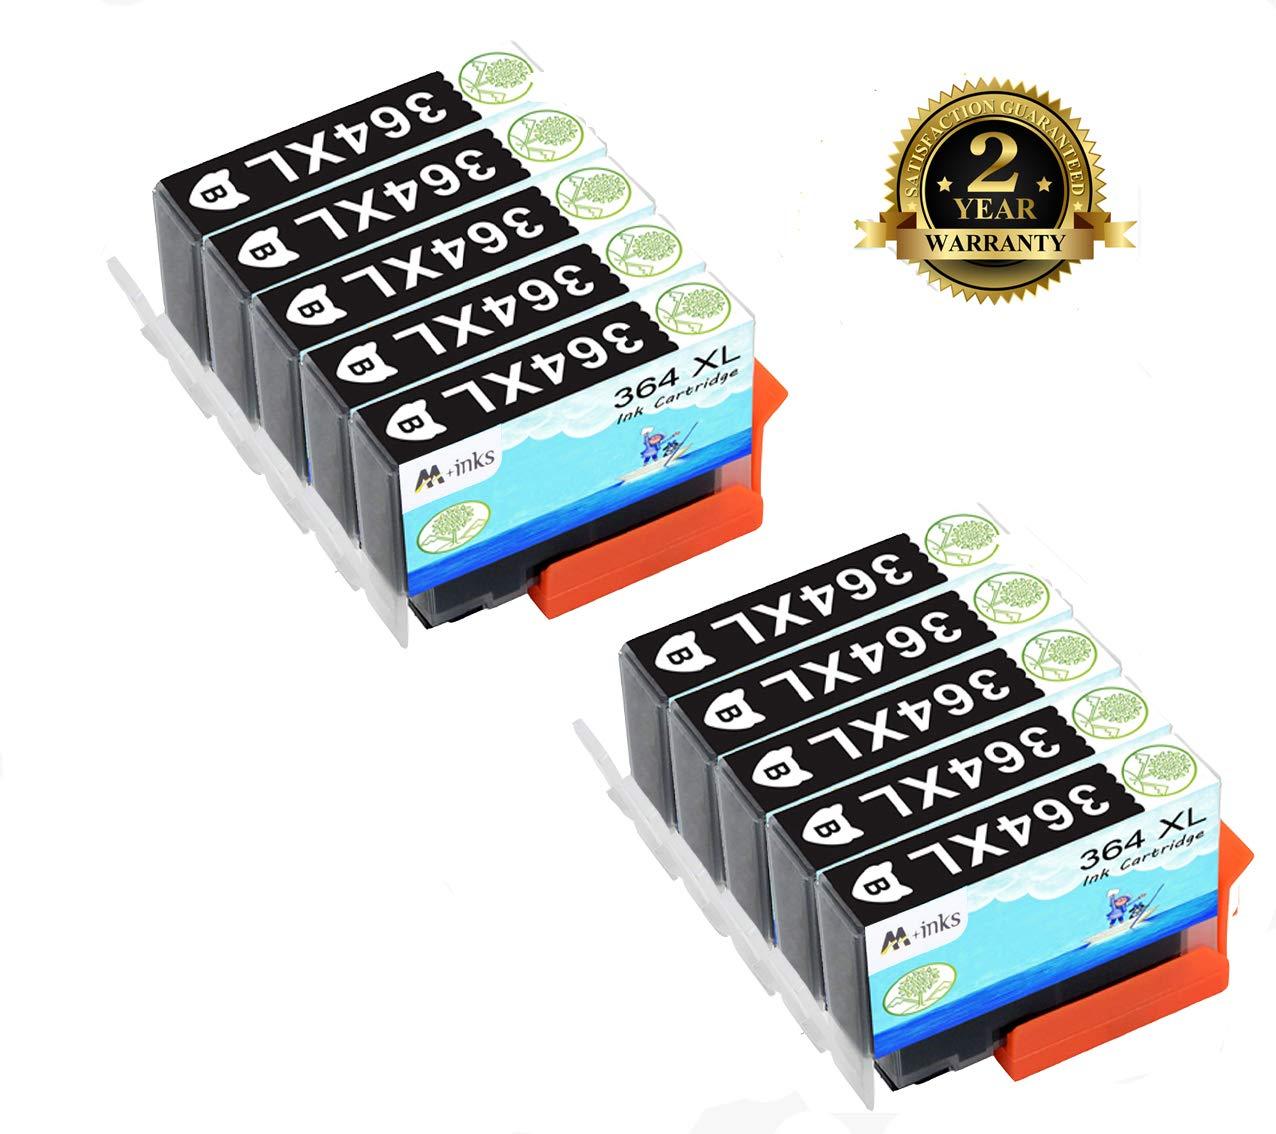 AA+Inks - Cartucho de Tinta de Repuesto para impresoras HP 364 HP ...